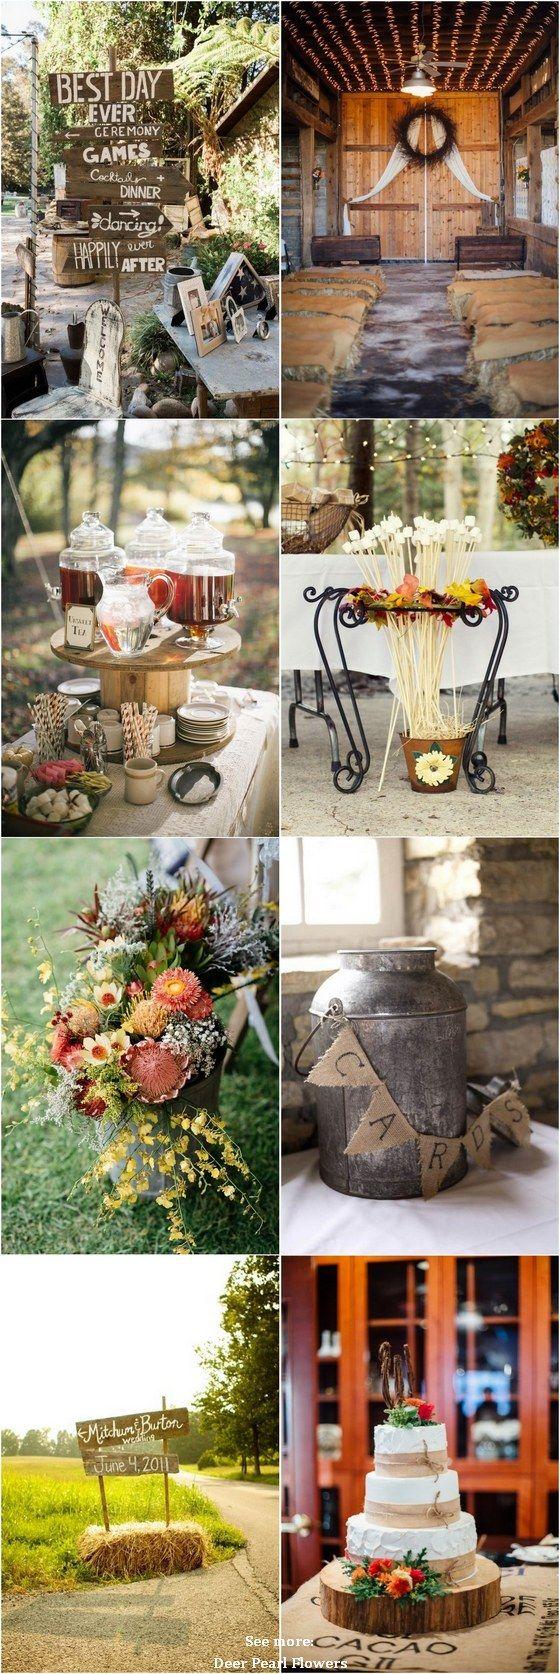 30 fall u0026 country rustic wedding theme ideas u2026 rustic wedding